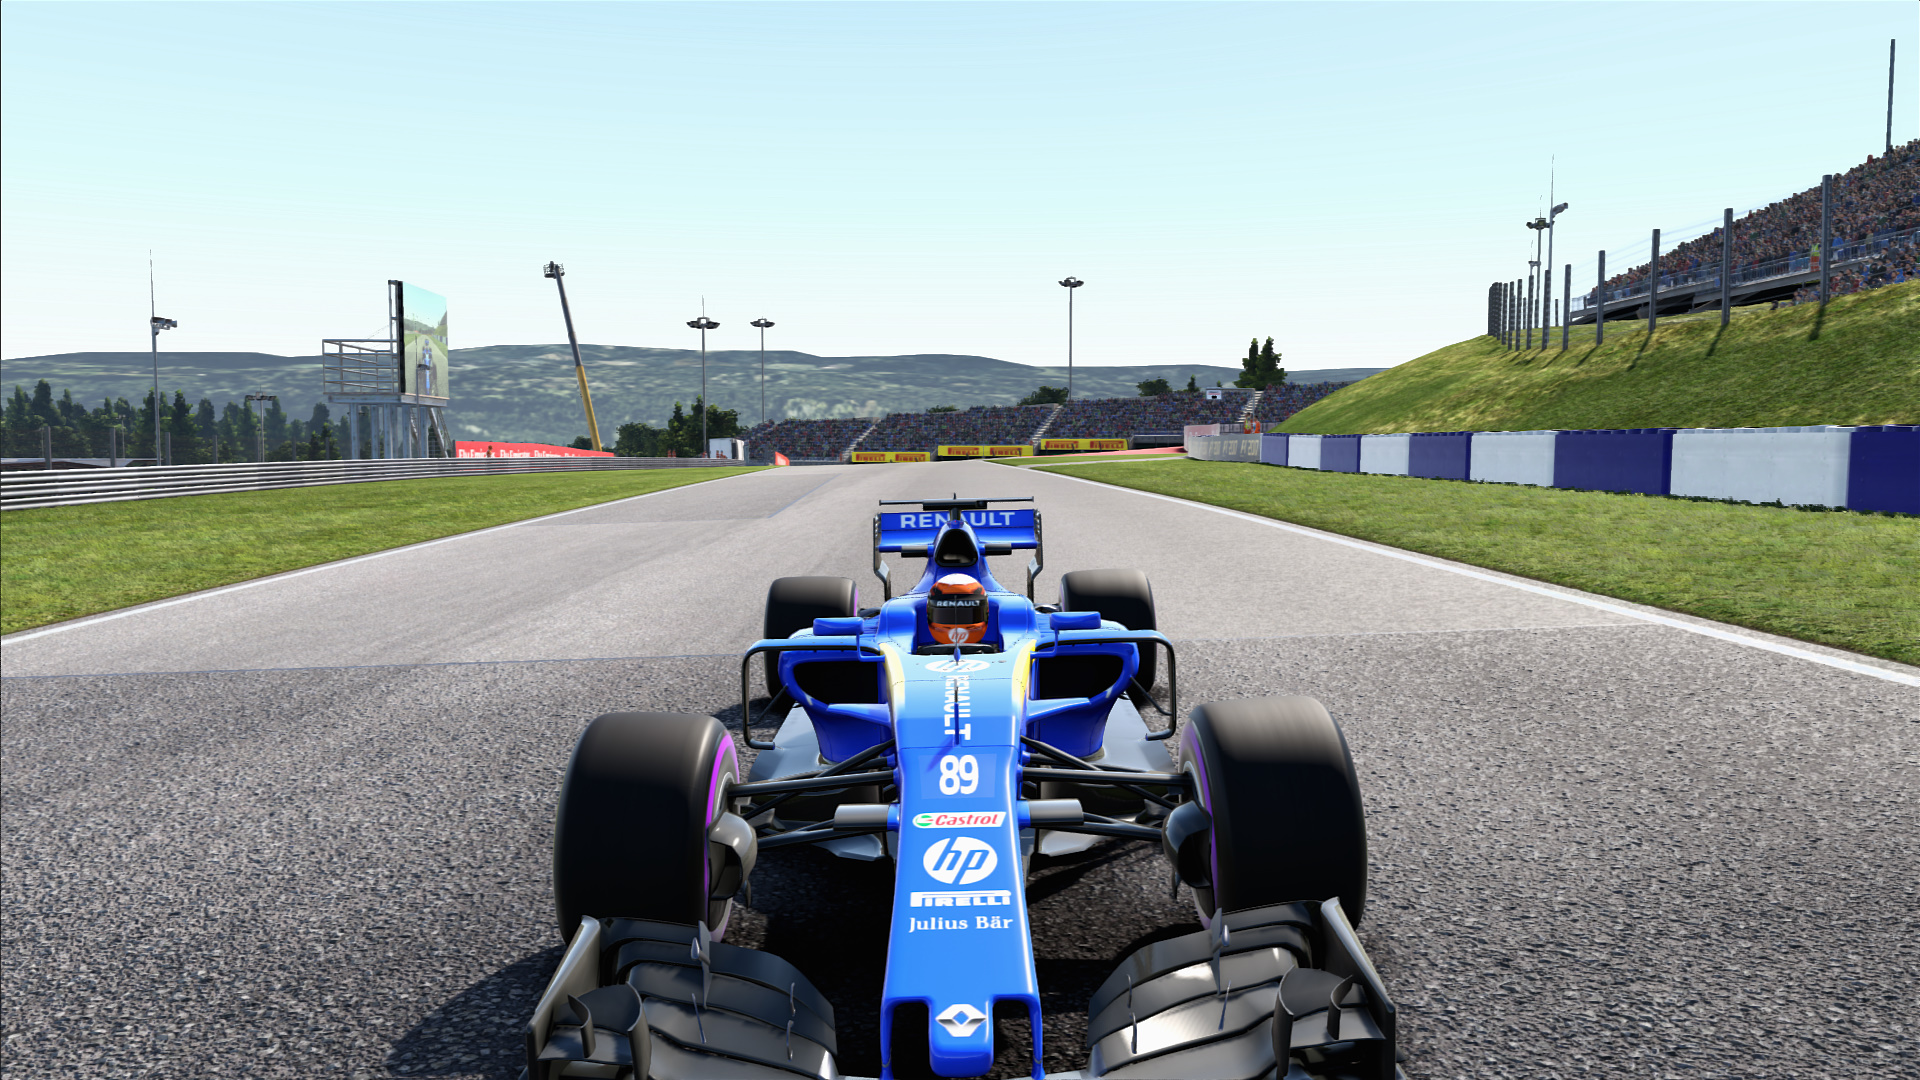 F1_2017 2017-12-24 20-03-54-855.jpg